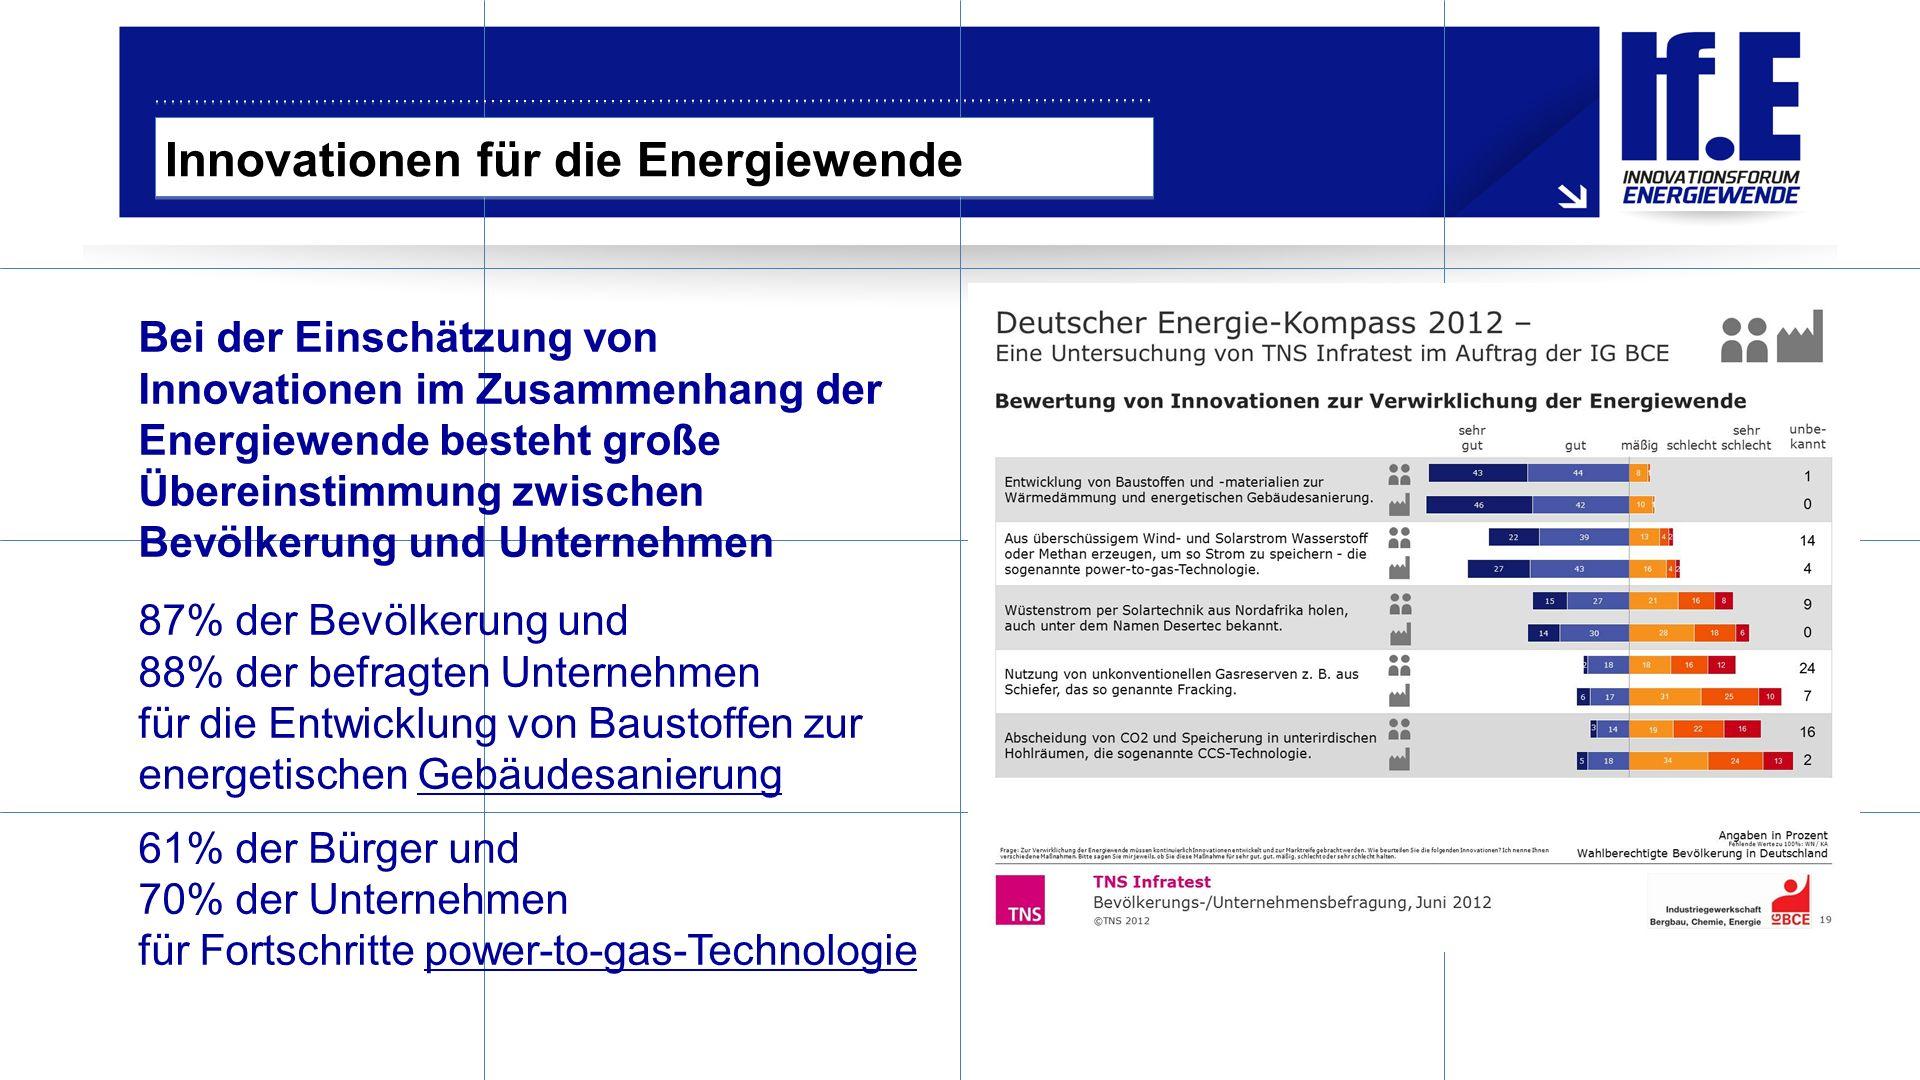 Innovationen für die Energiewende